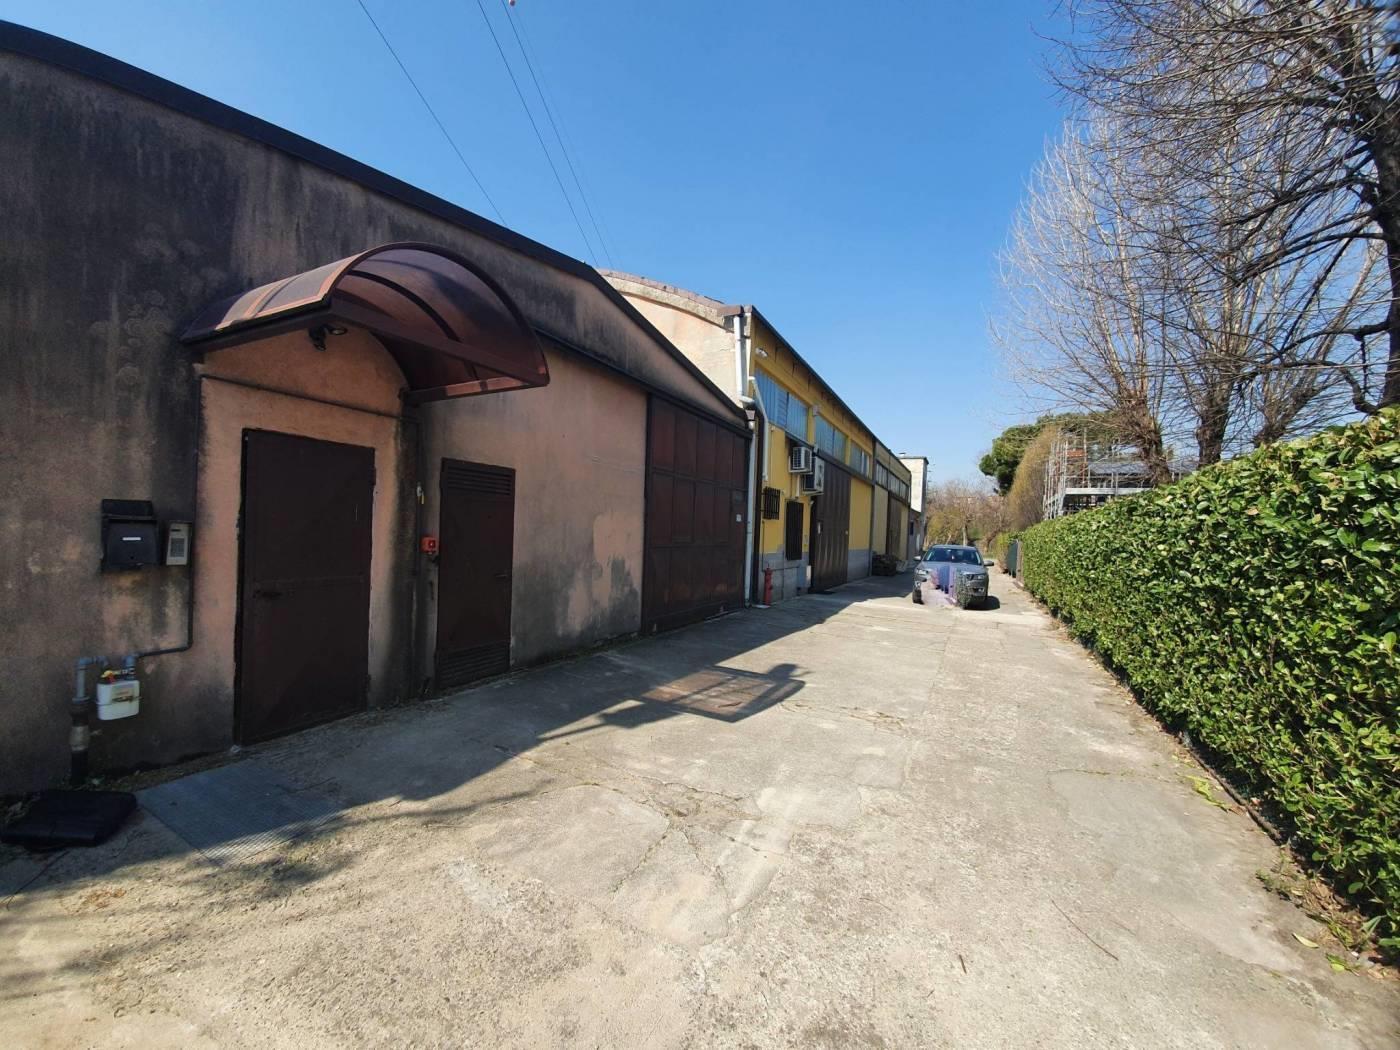 Foto 16 - Magazzino in Vendita - Monza, Zona Buonarroti